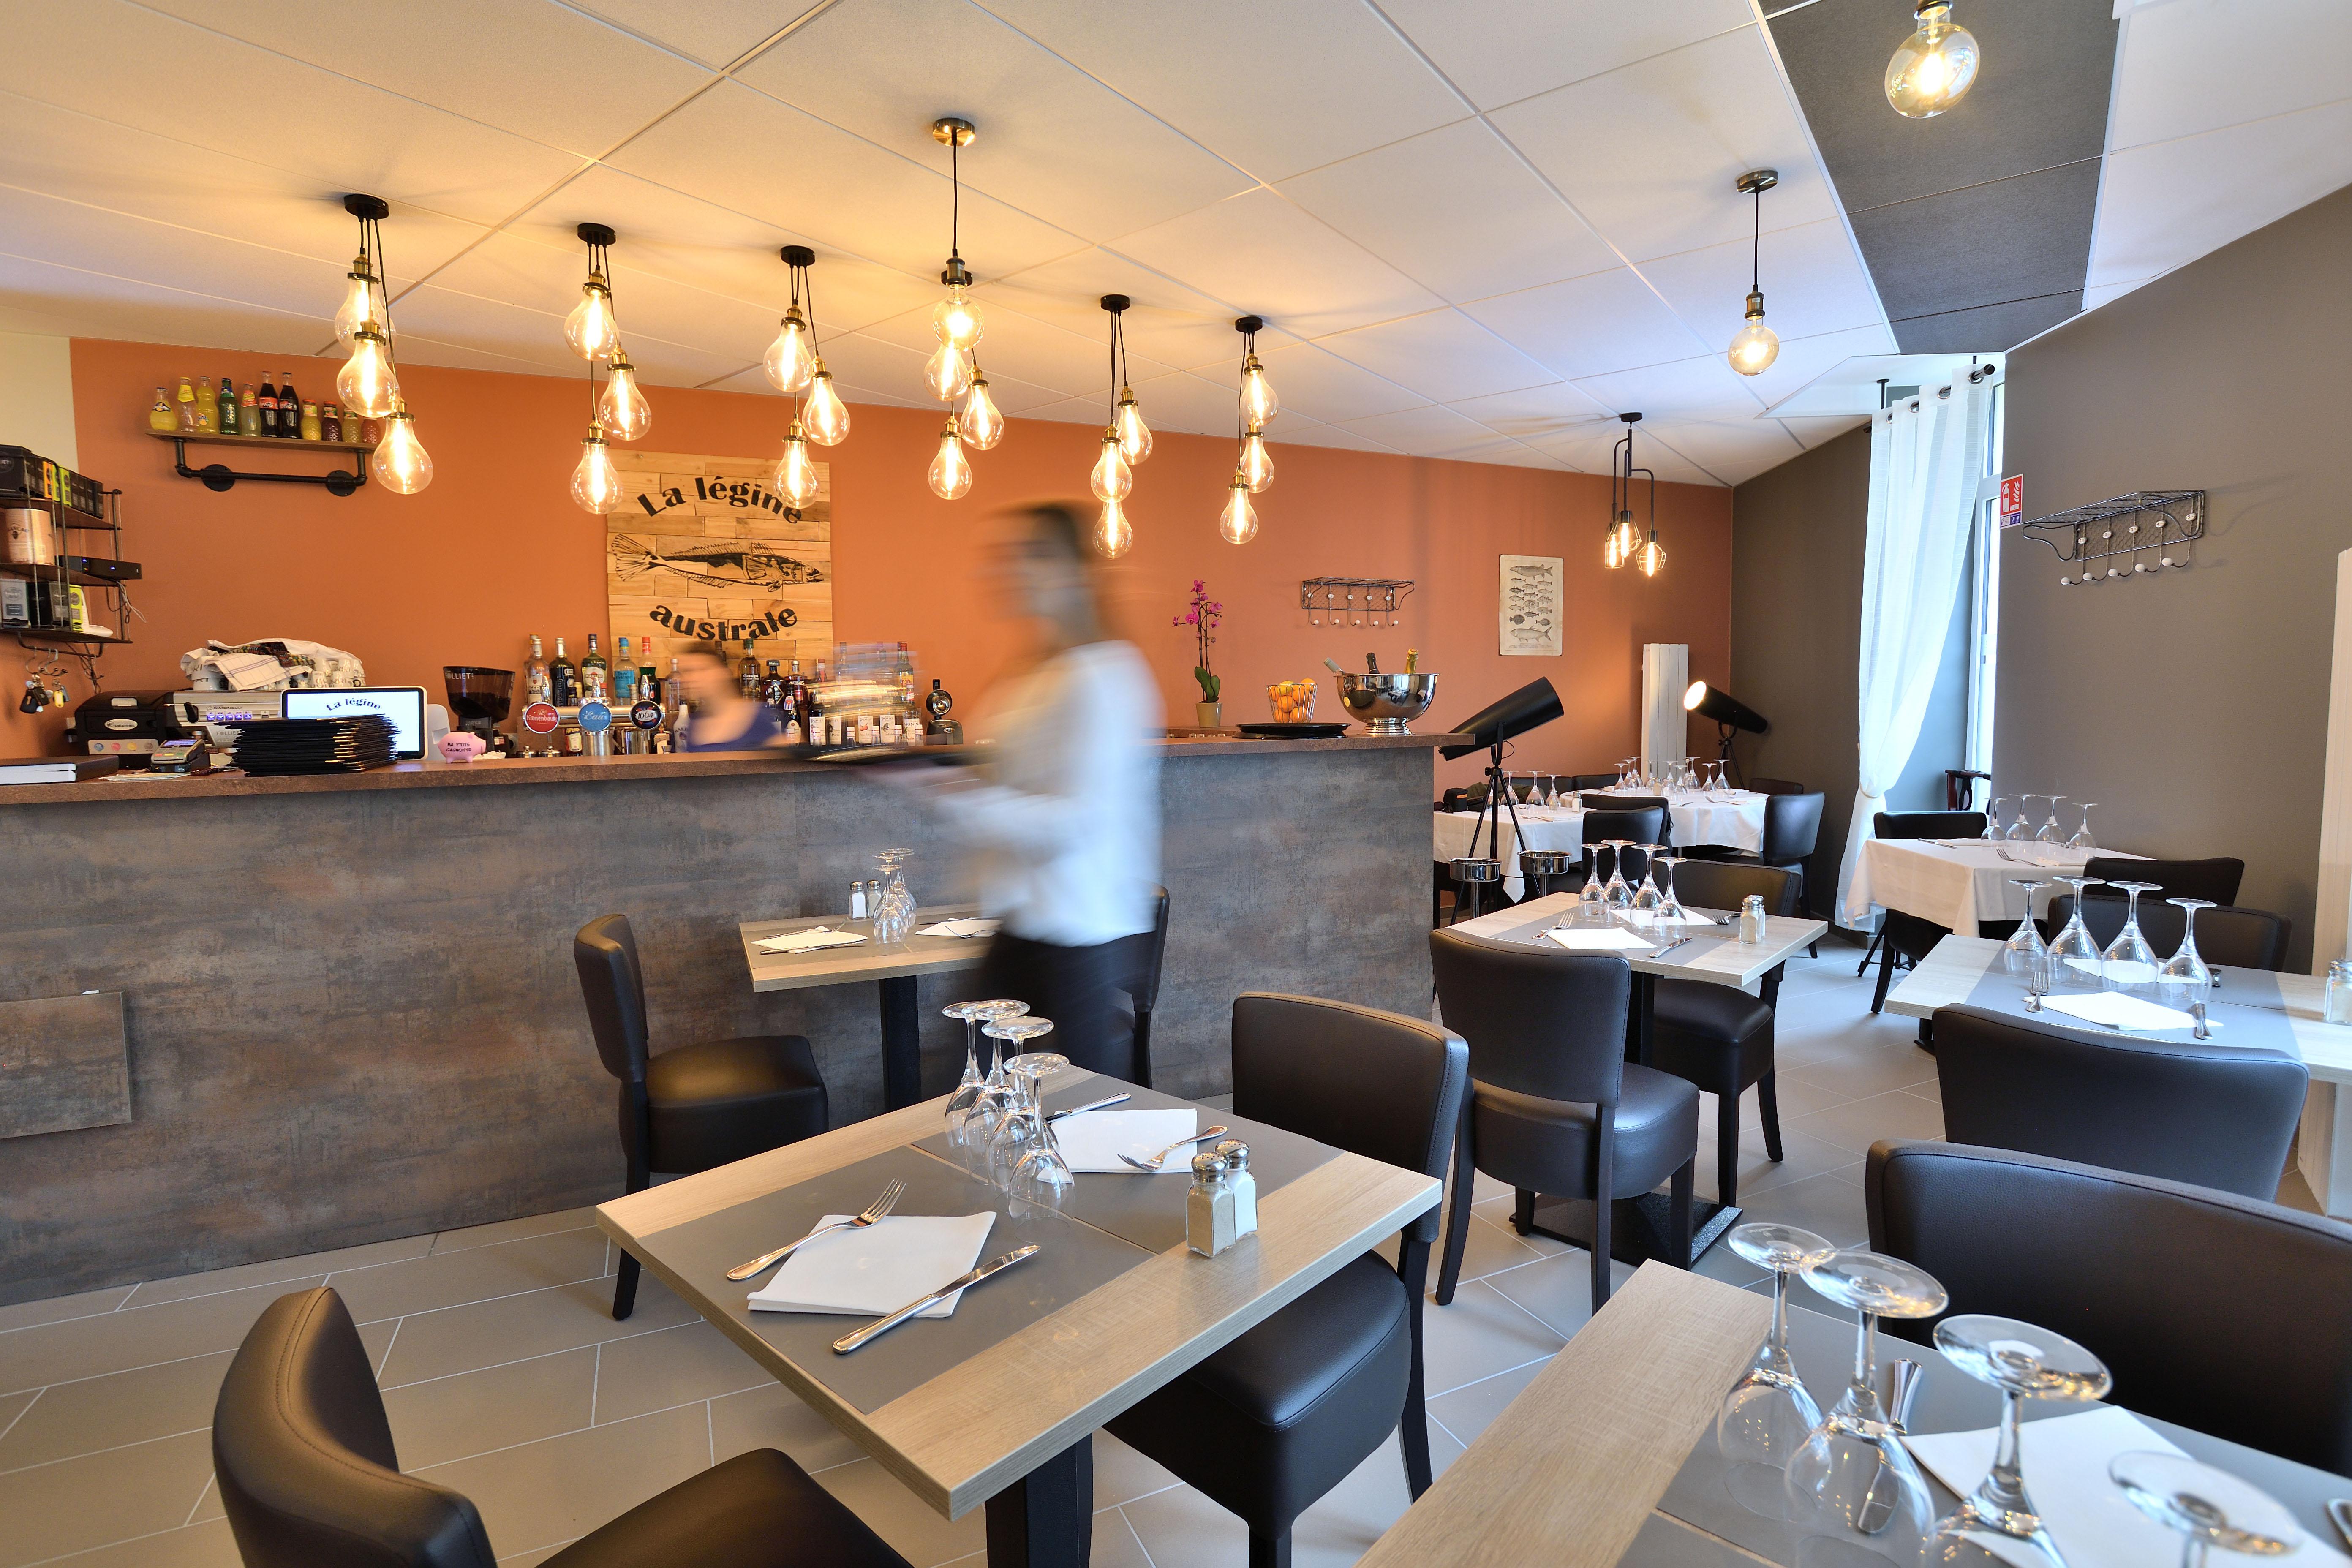 restaurant_rénové_par_Tiffany_Fayolle,_spécialité_de_poisson,_la_legine_australe_à_Brignais_près_de_